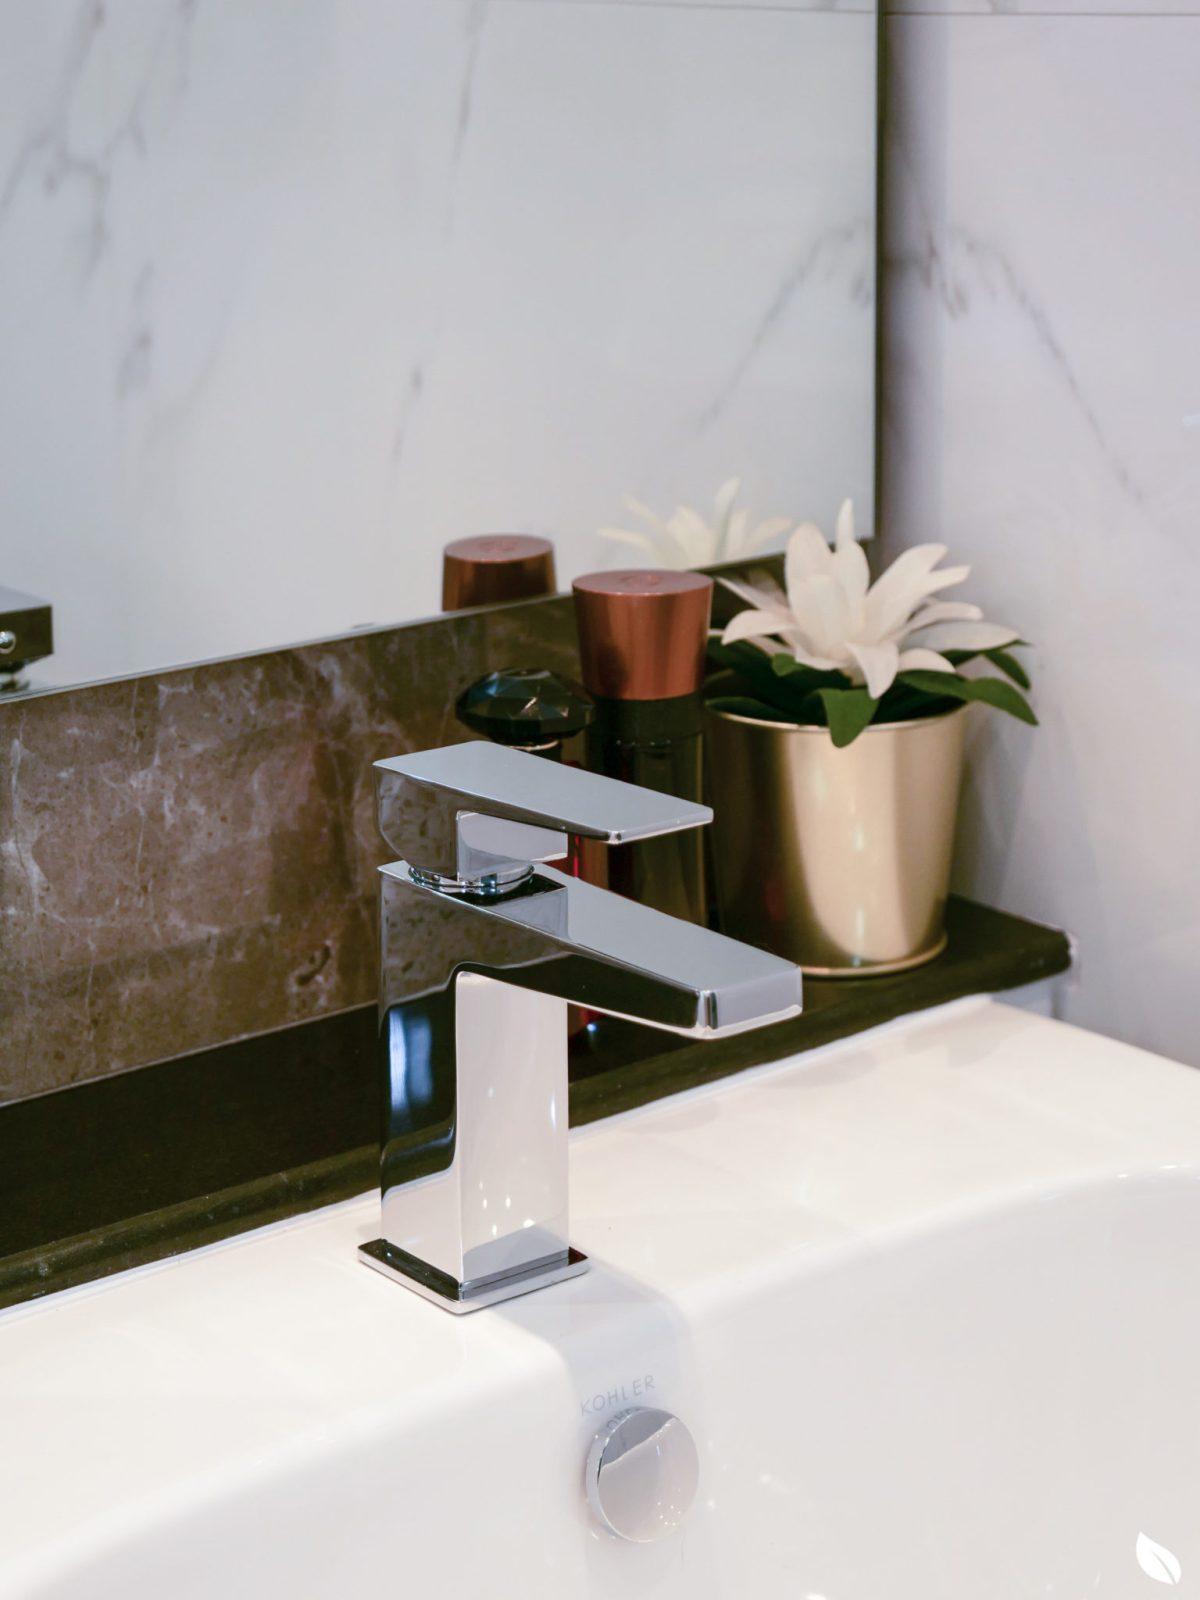 """4 ขั้นตอน """"รีโนเวทห้องน้ำขนาดเล็ก"""" ให้สวยใหม่ จบงานไวใน 2 วัน แบบปูกระเบื้องทับ ไม่ต้องรื้อ 71 - bathroom"""